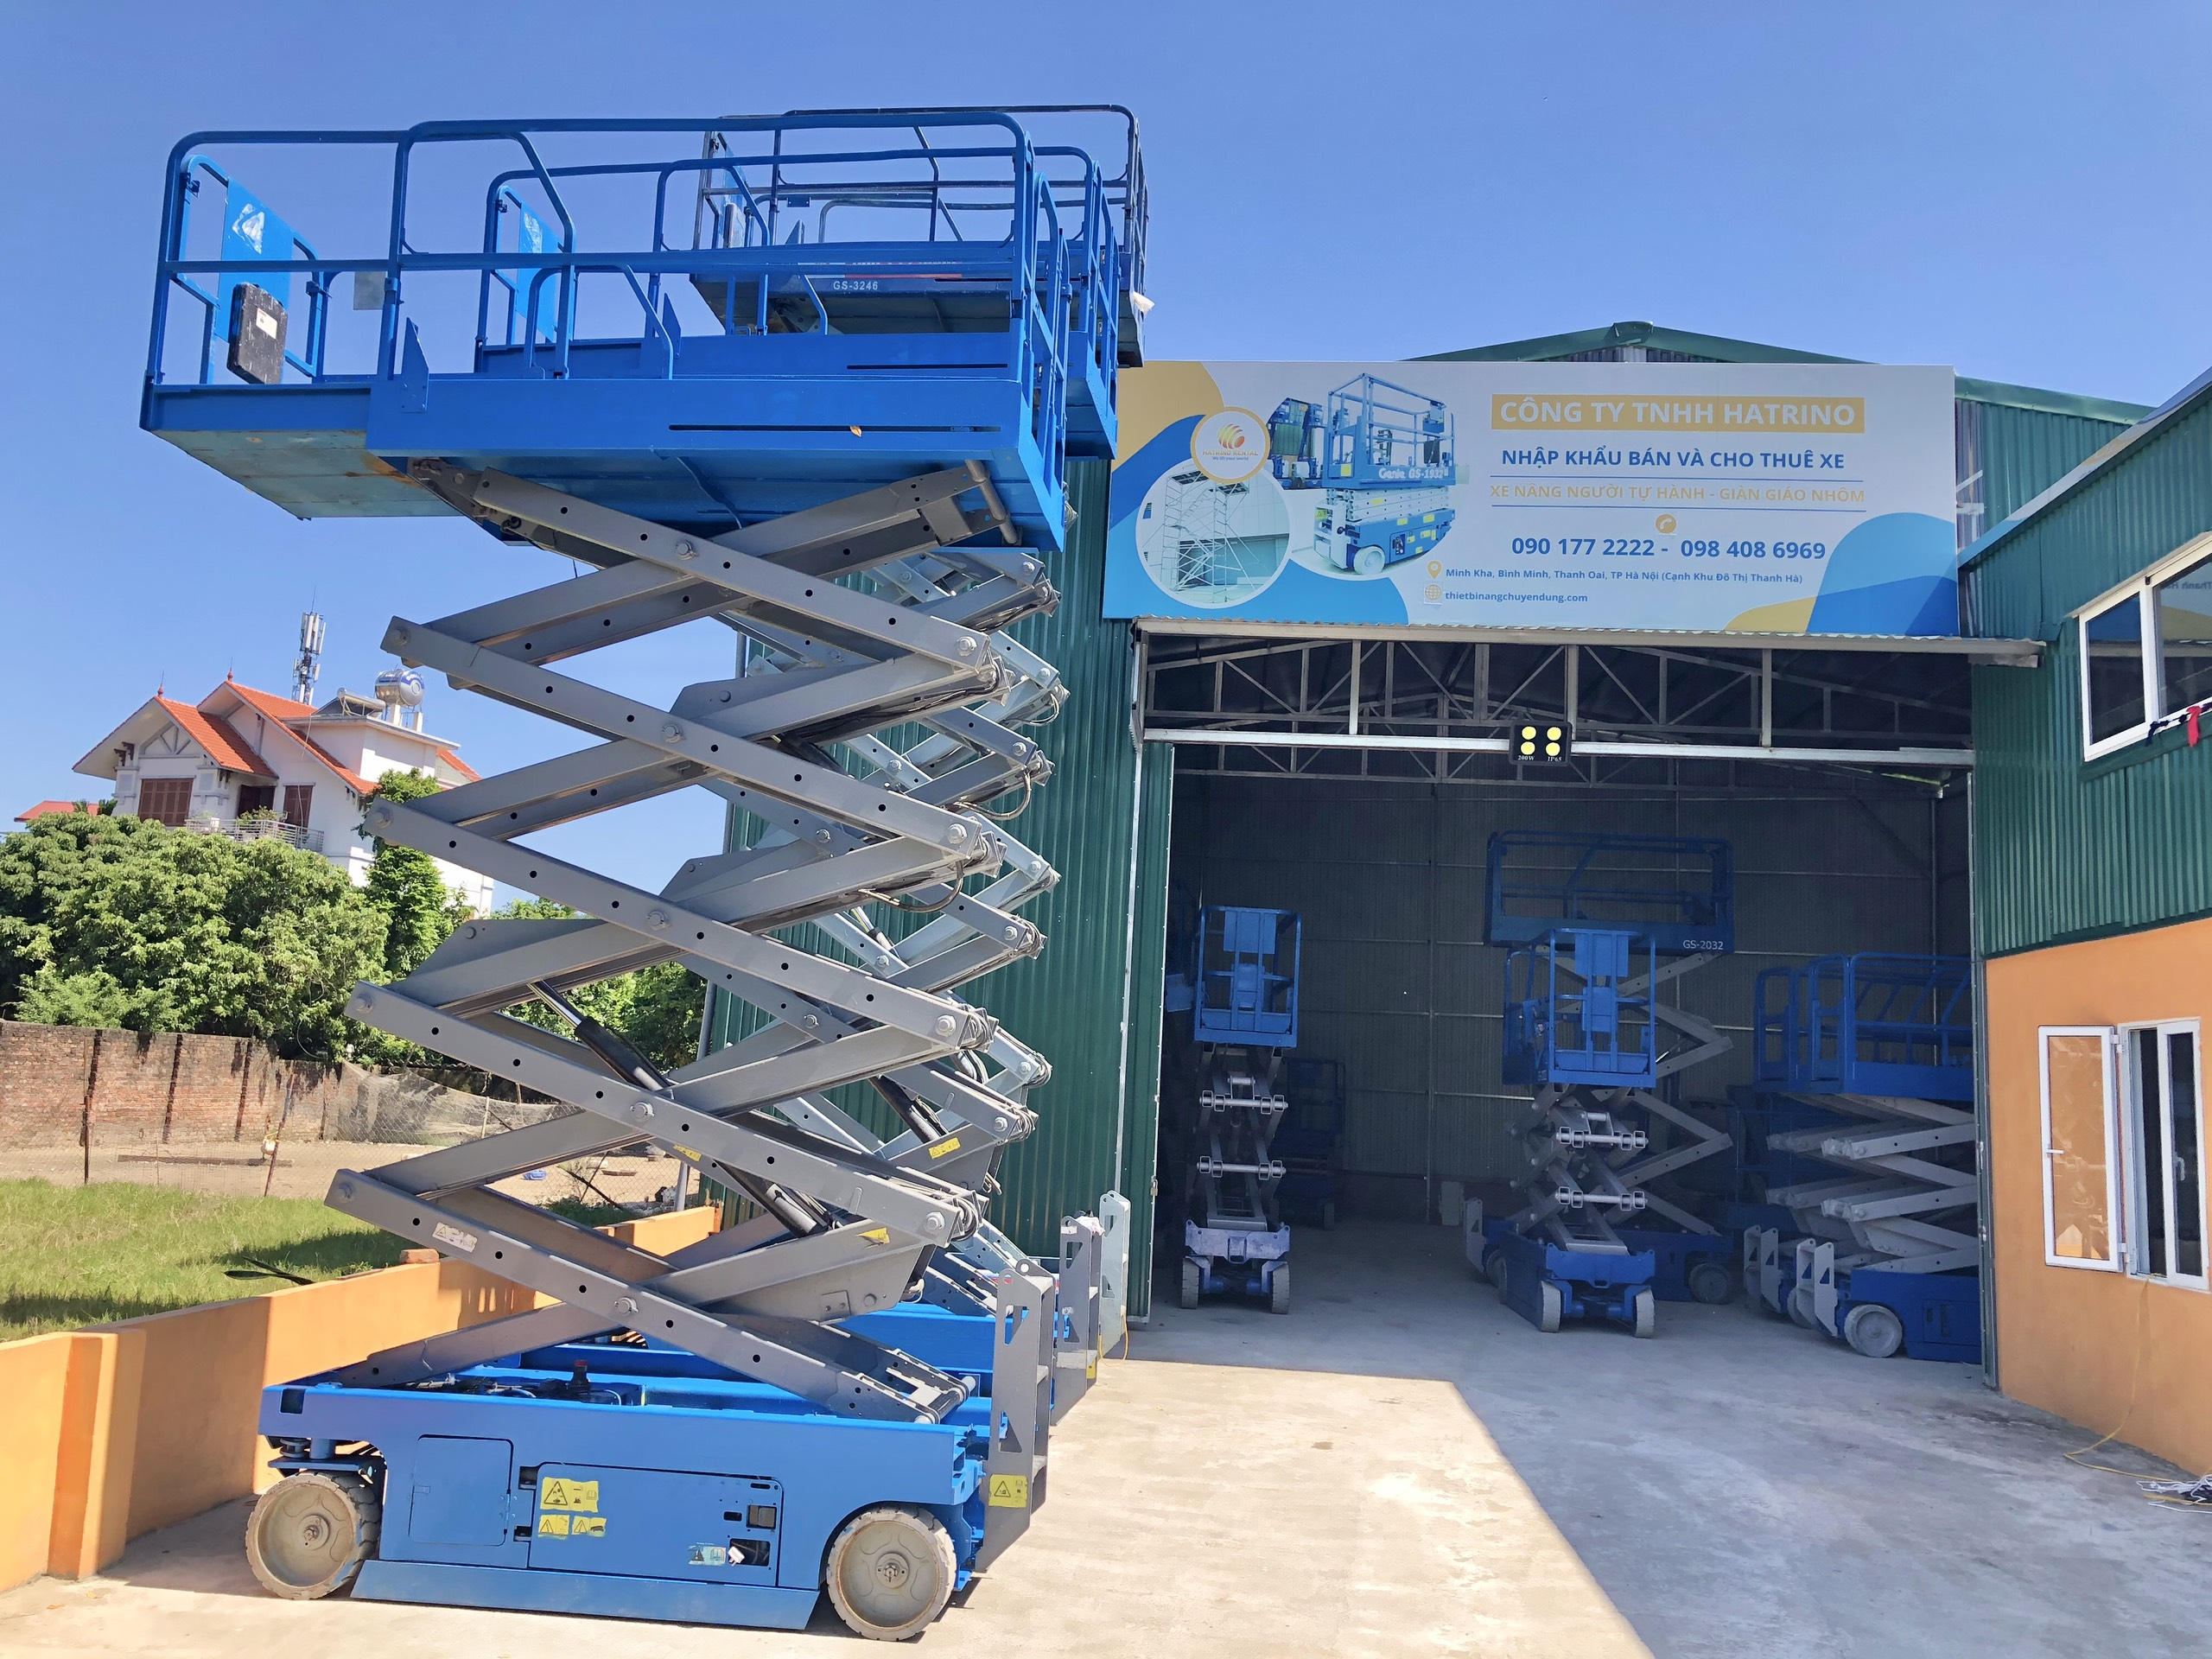 Công ty TNHH xây dựng thương mại và dịch vụ kỹ thuật TML